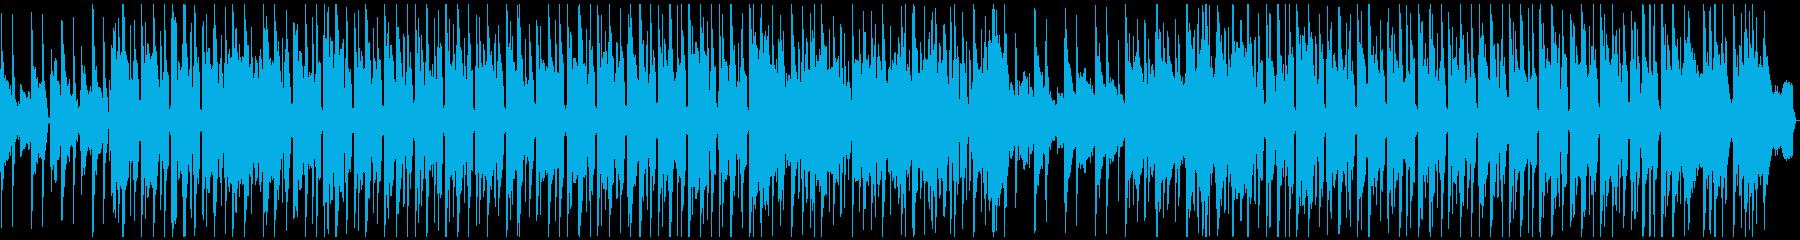 Lo-Fiビートのメロウで都会的チルの再生済みの波形